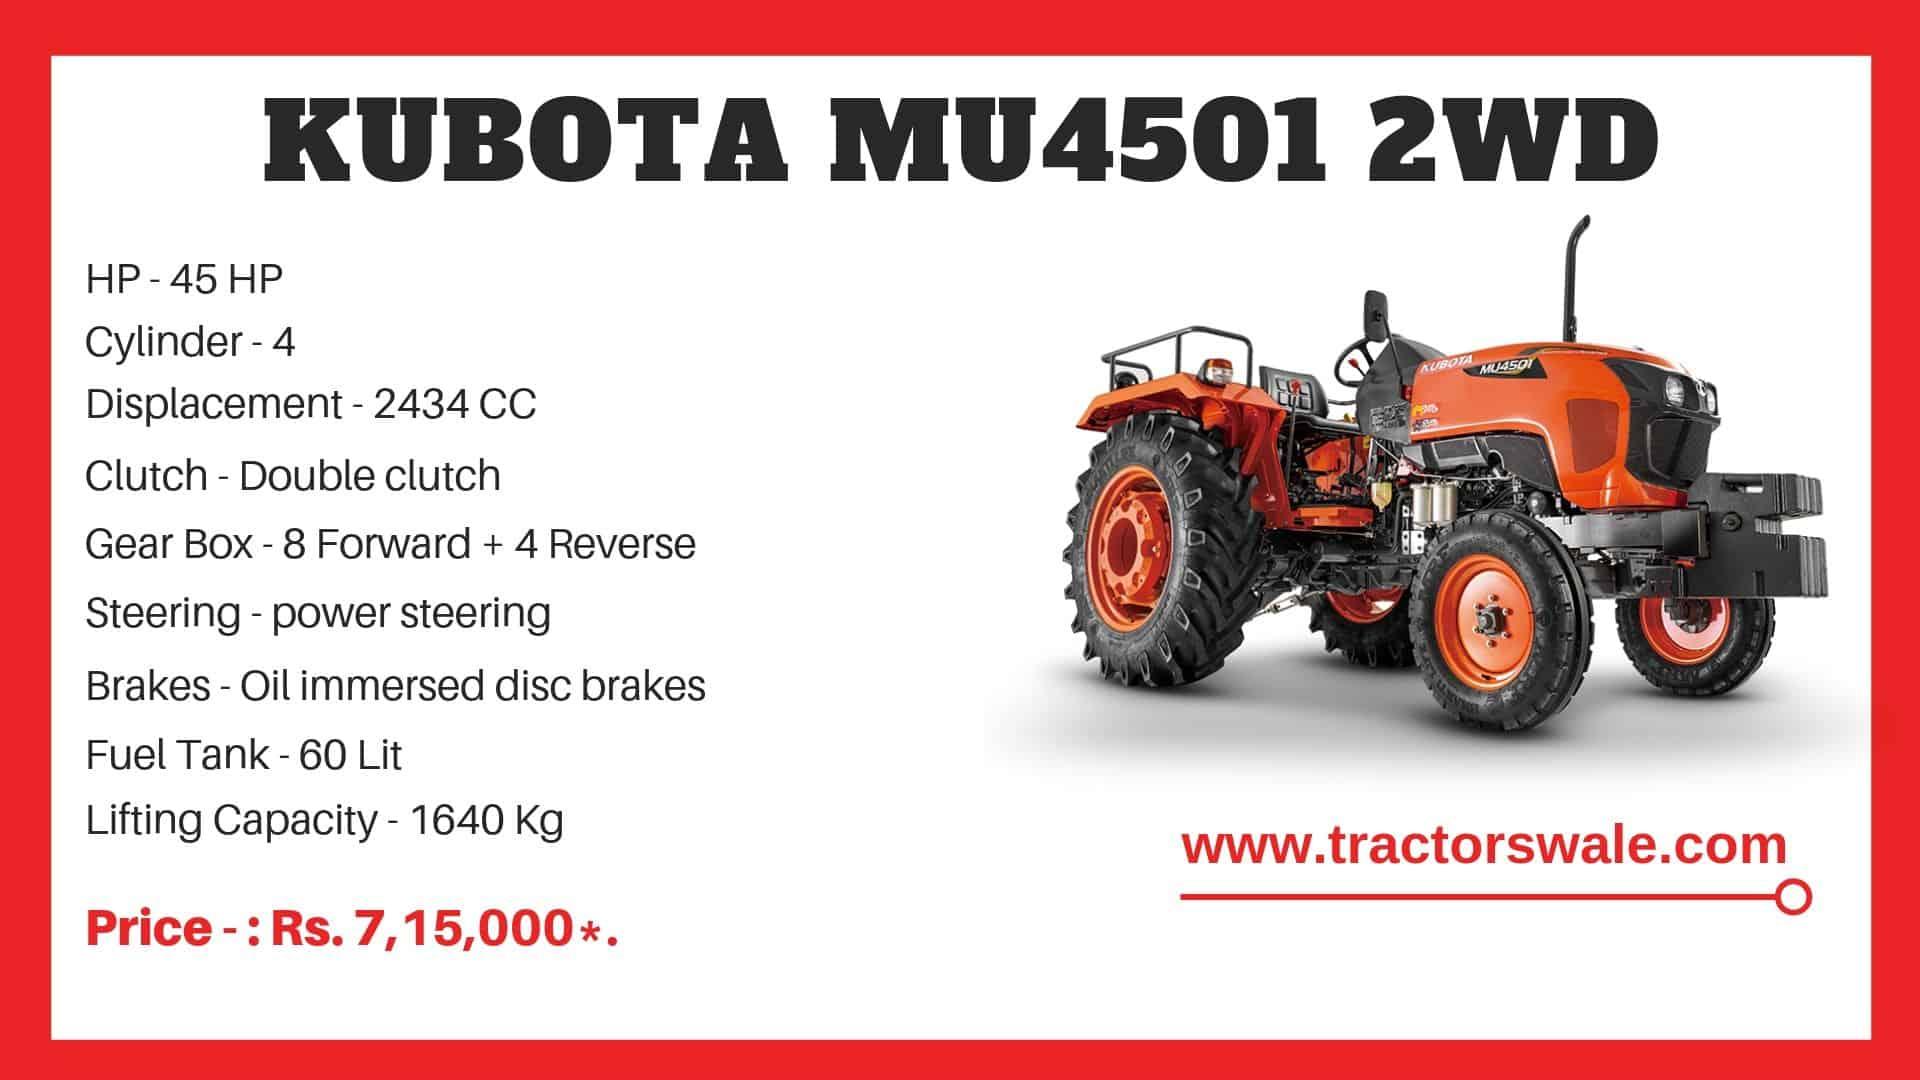 Kubota MU4501 2WD tractor price specifications | kubota 45